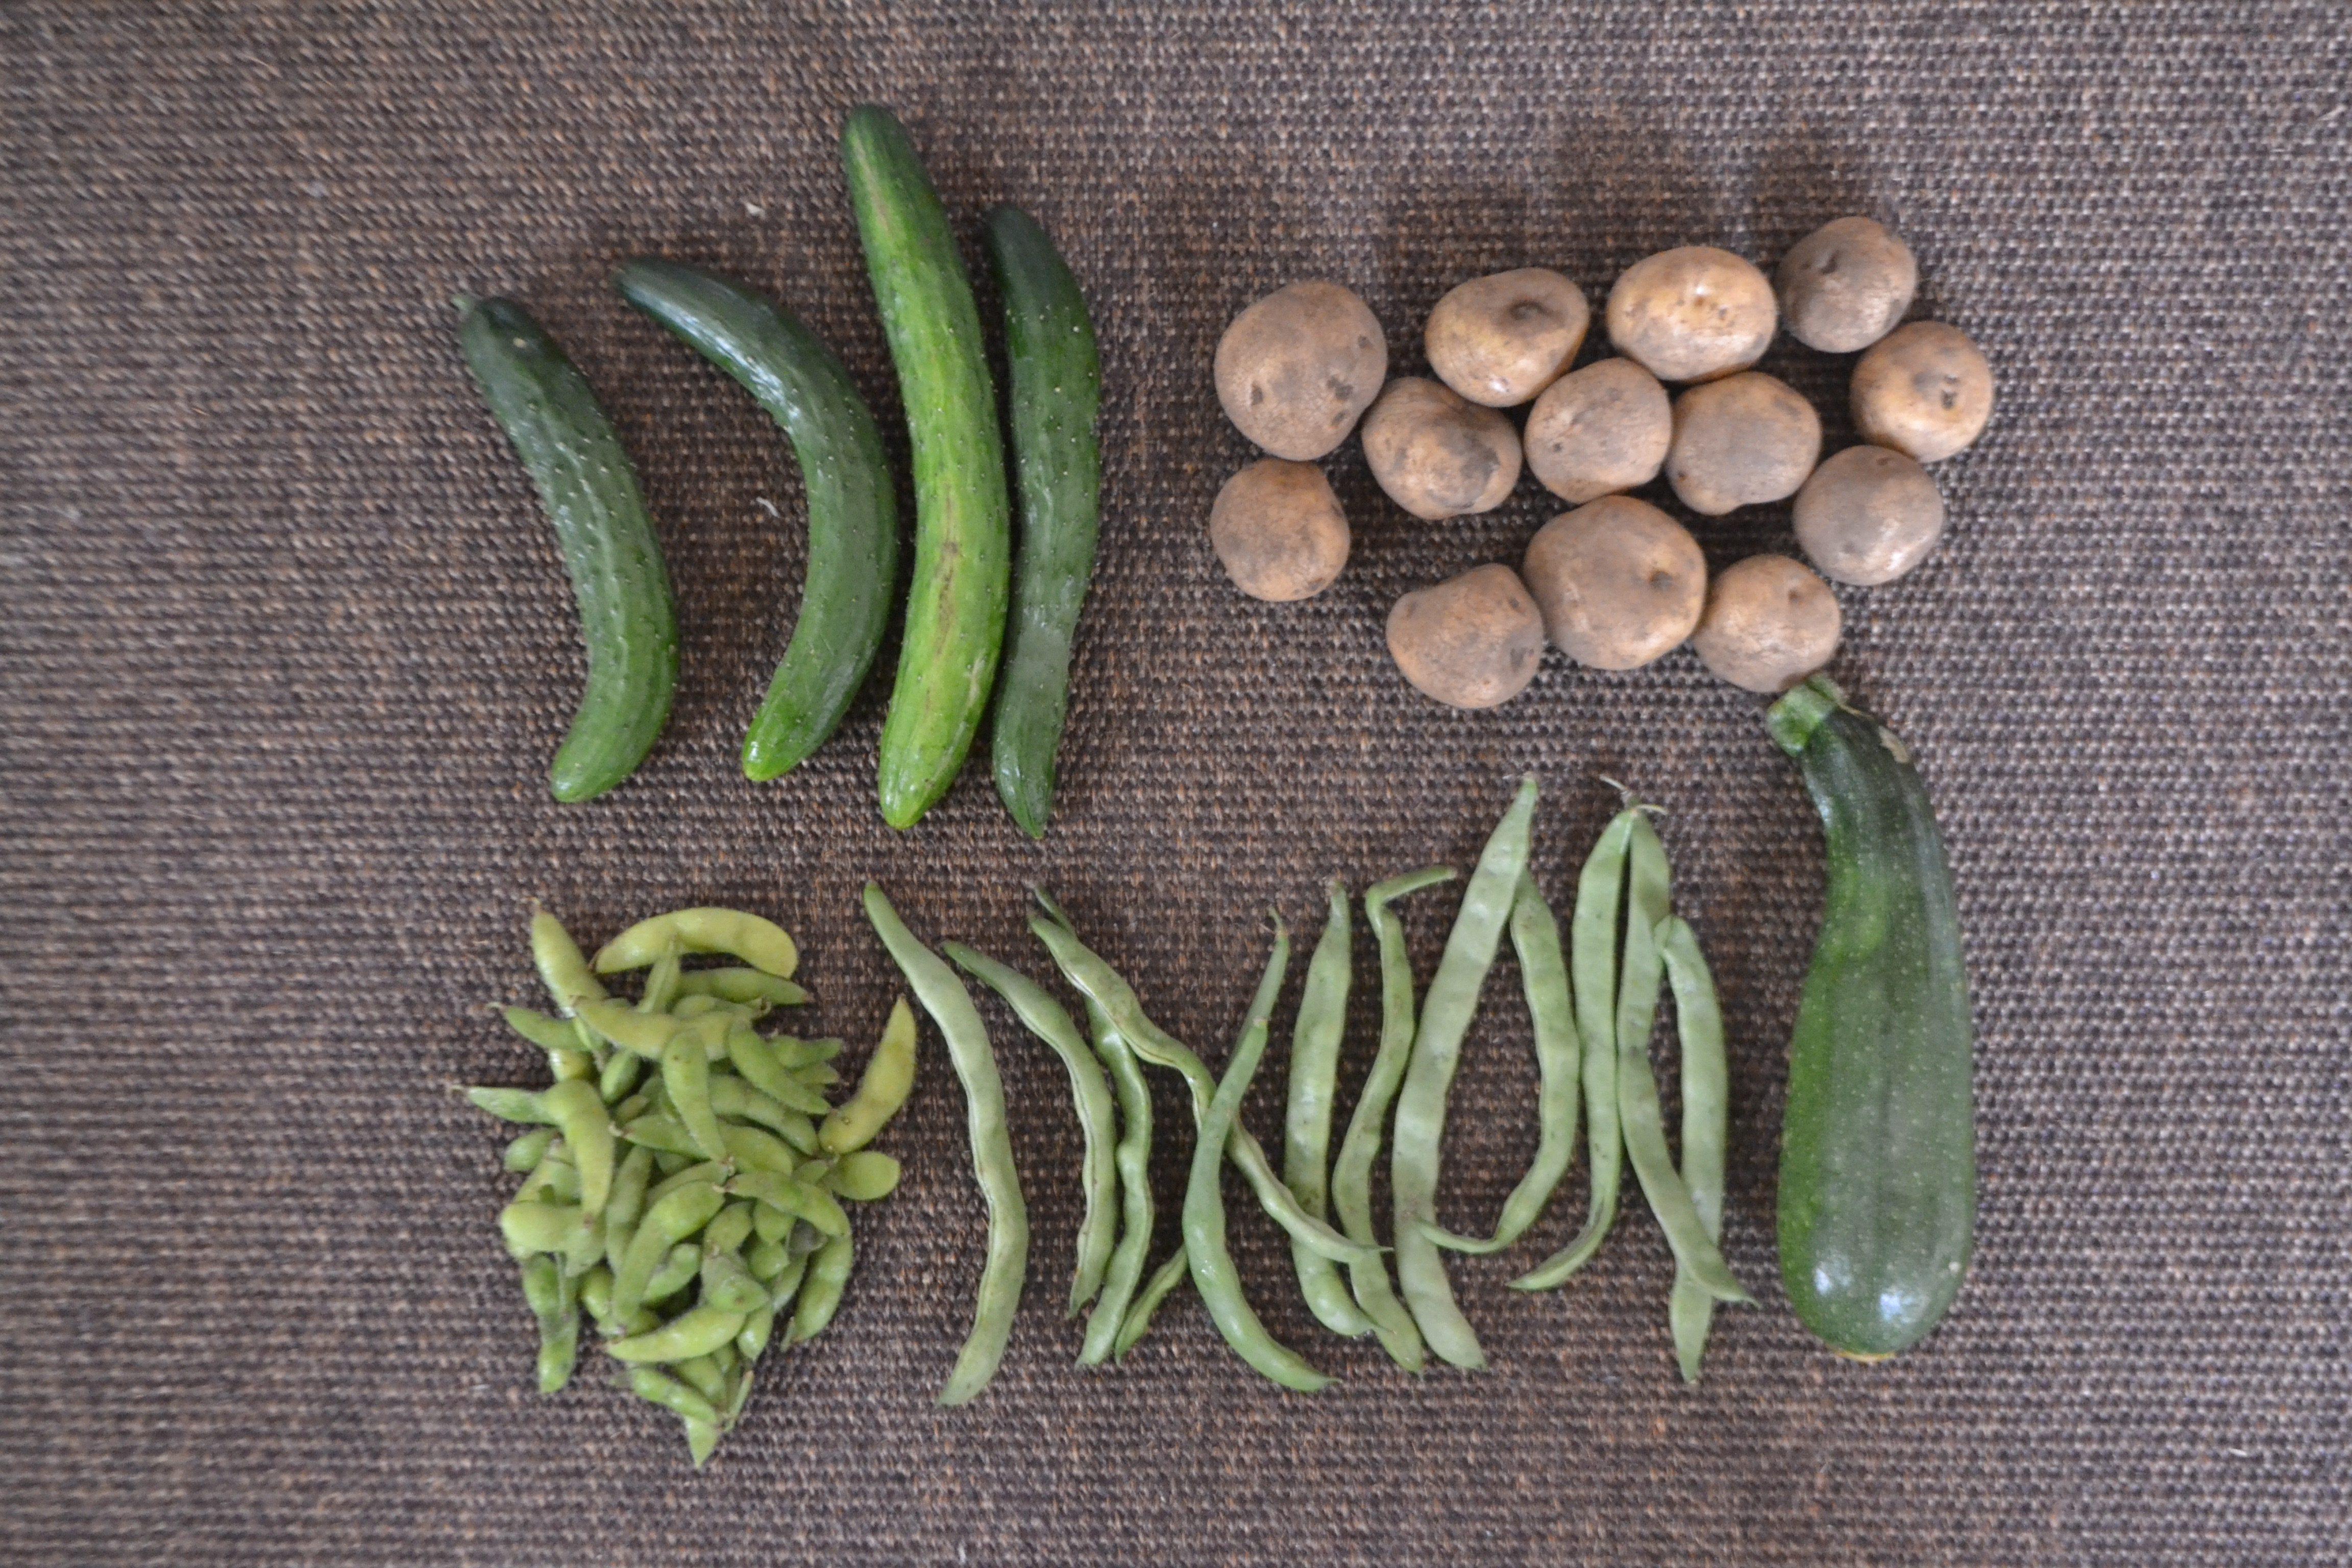 早くおいしい野菜を食べてもらいたいので野菜セット開始しますー!!!